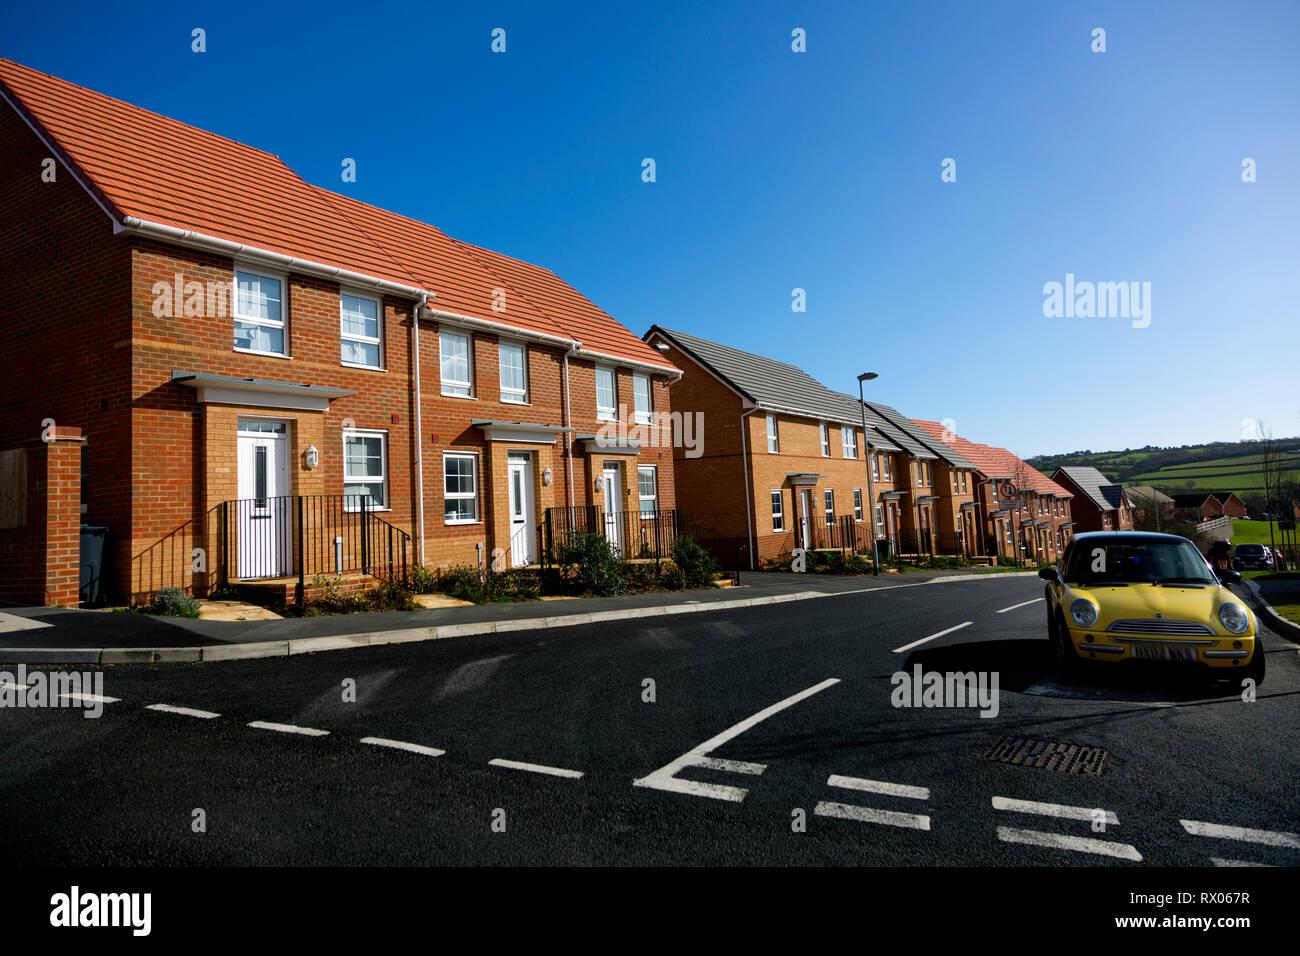 Nueva,construir, verde,cinturón,invasión, terraza,street,road, madera,enmarcado, baja, reducir las emisiones de carbono huella de carbono ,,, energía, azulejos cerámicos,, campo Imagen De Stock